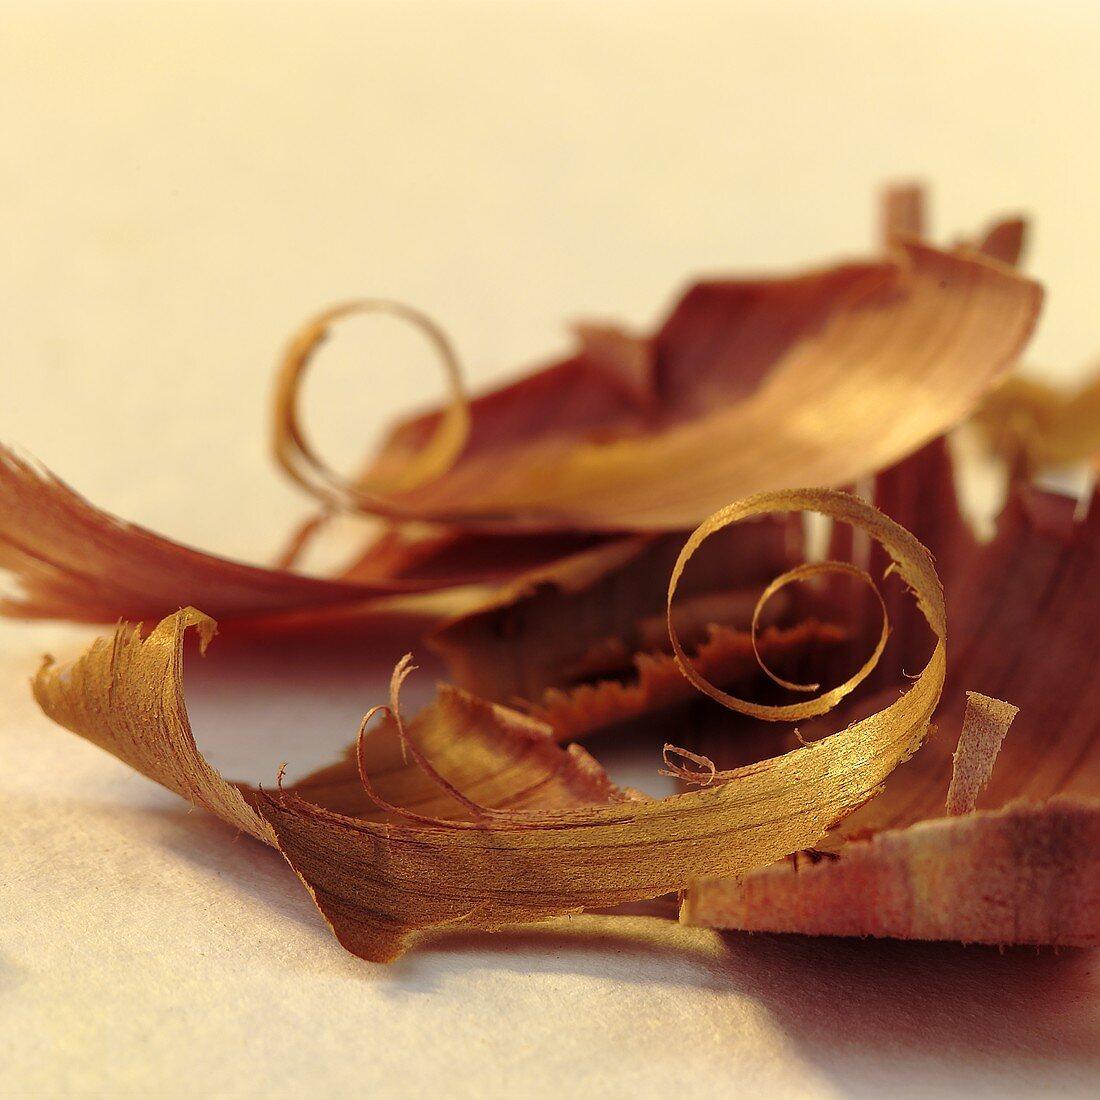 Cedar wood shavings